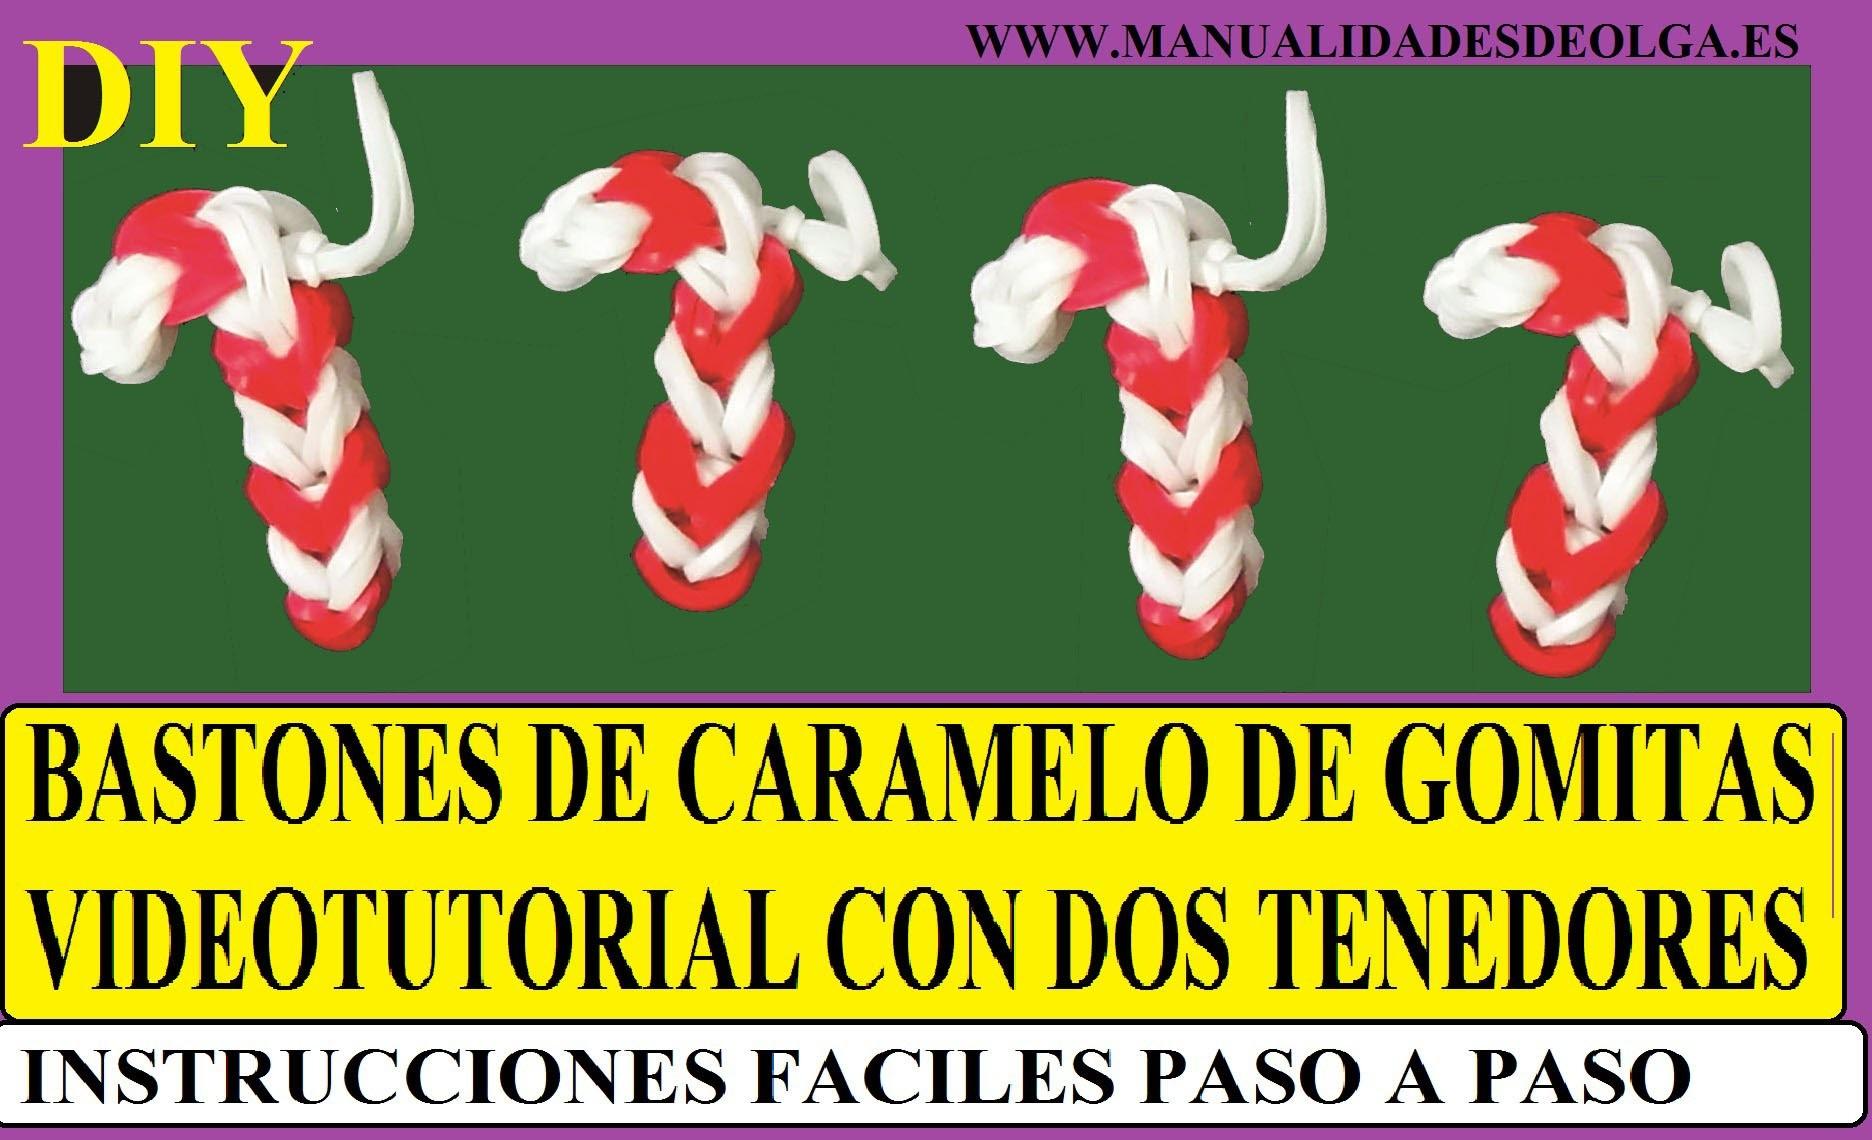 COMO HACER UN BASTON DE CARAMELO DE GOMITAS CON DOS TENEDORES. PARA NAVIDAD